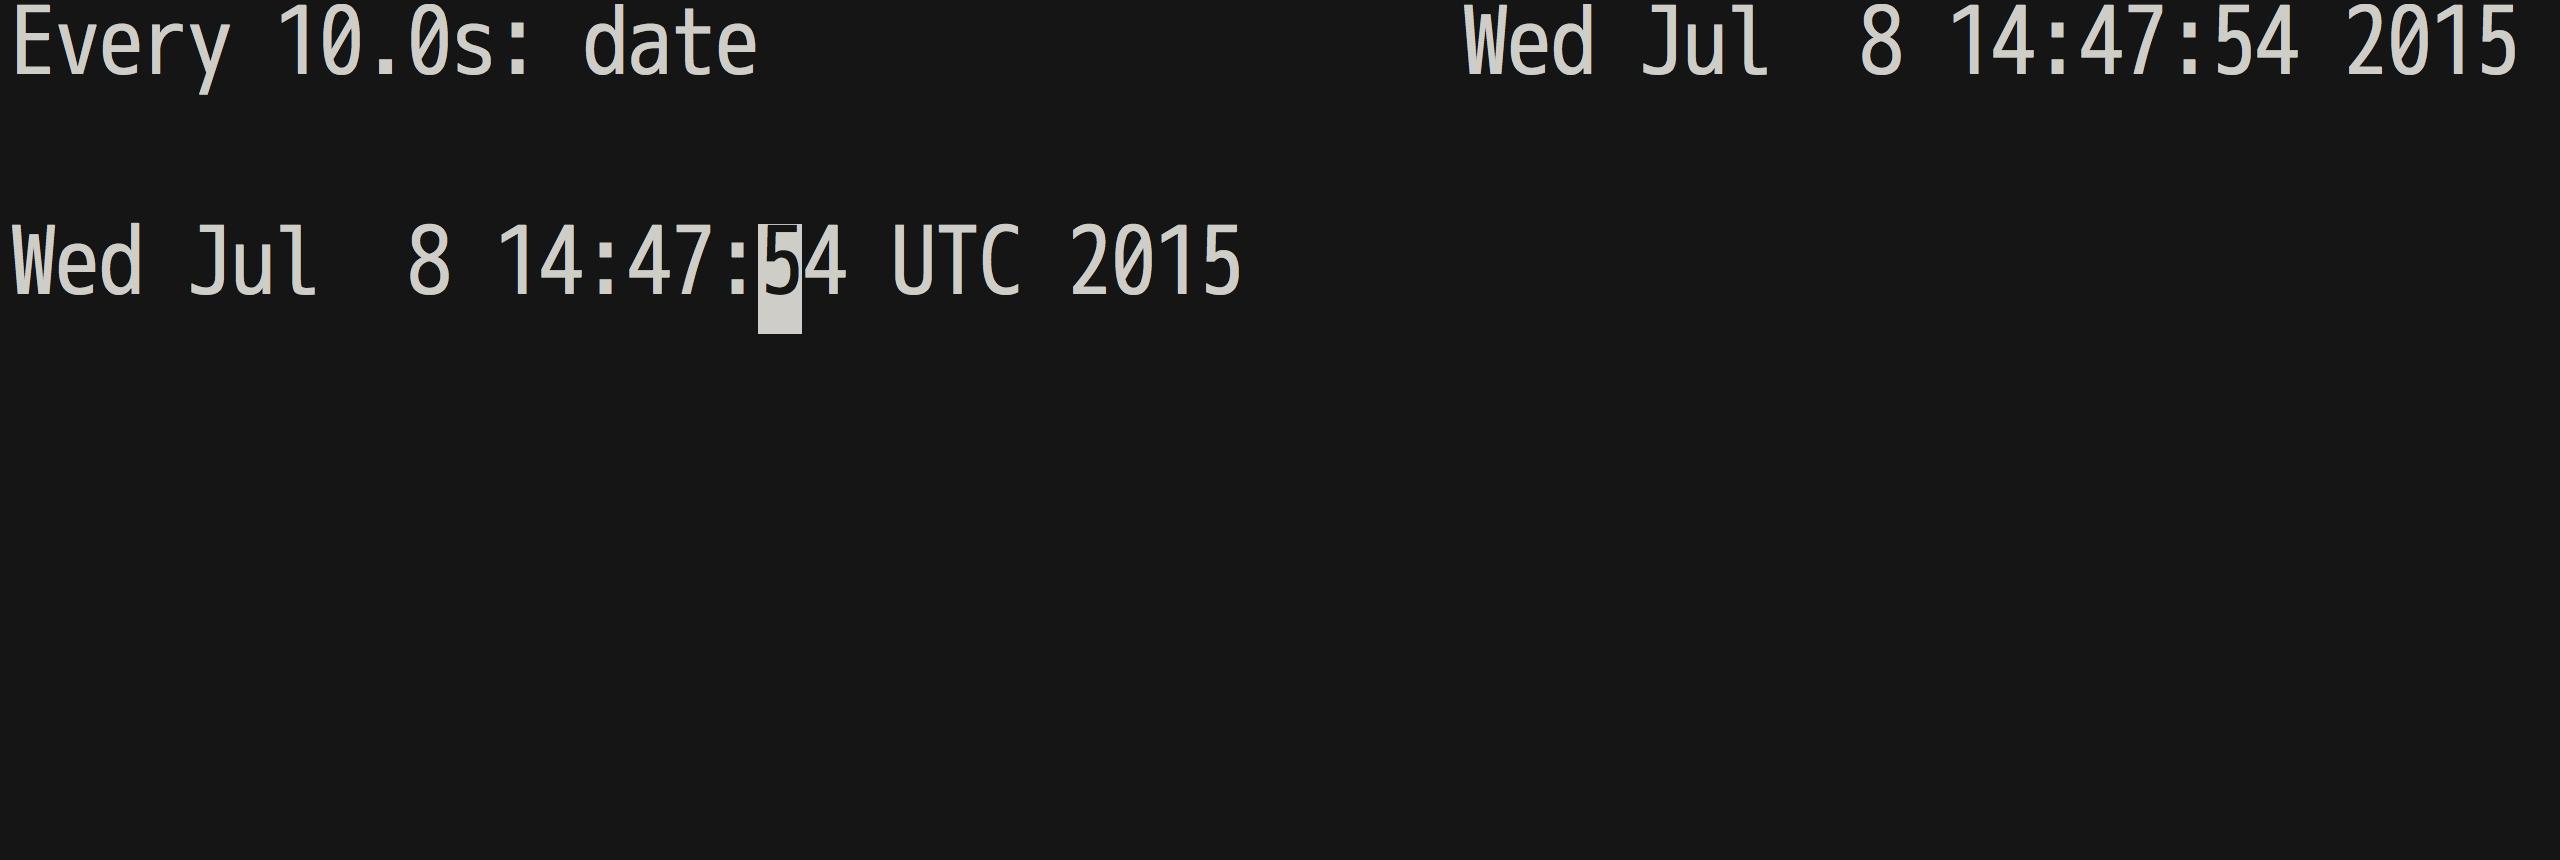 Screen Shot 2015-07-08 at 23.47.53.png